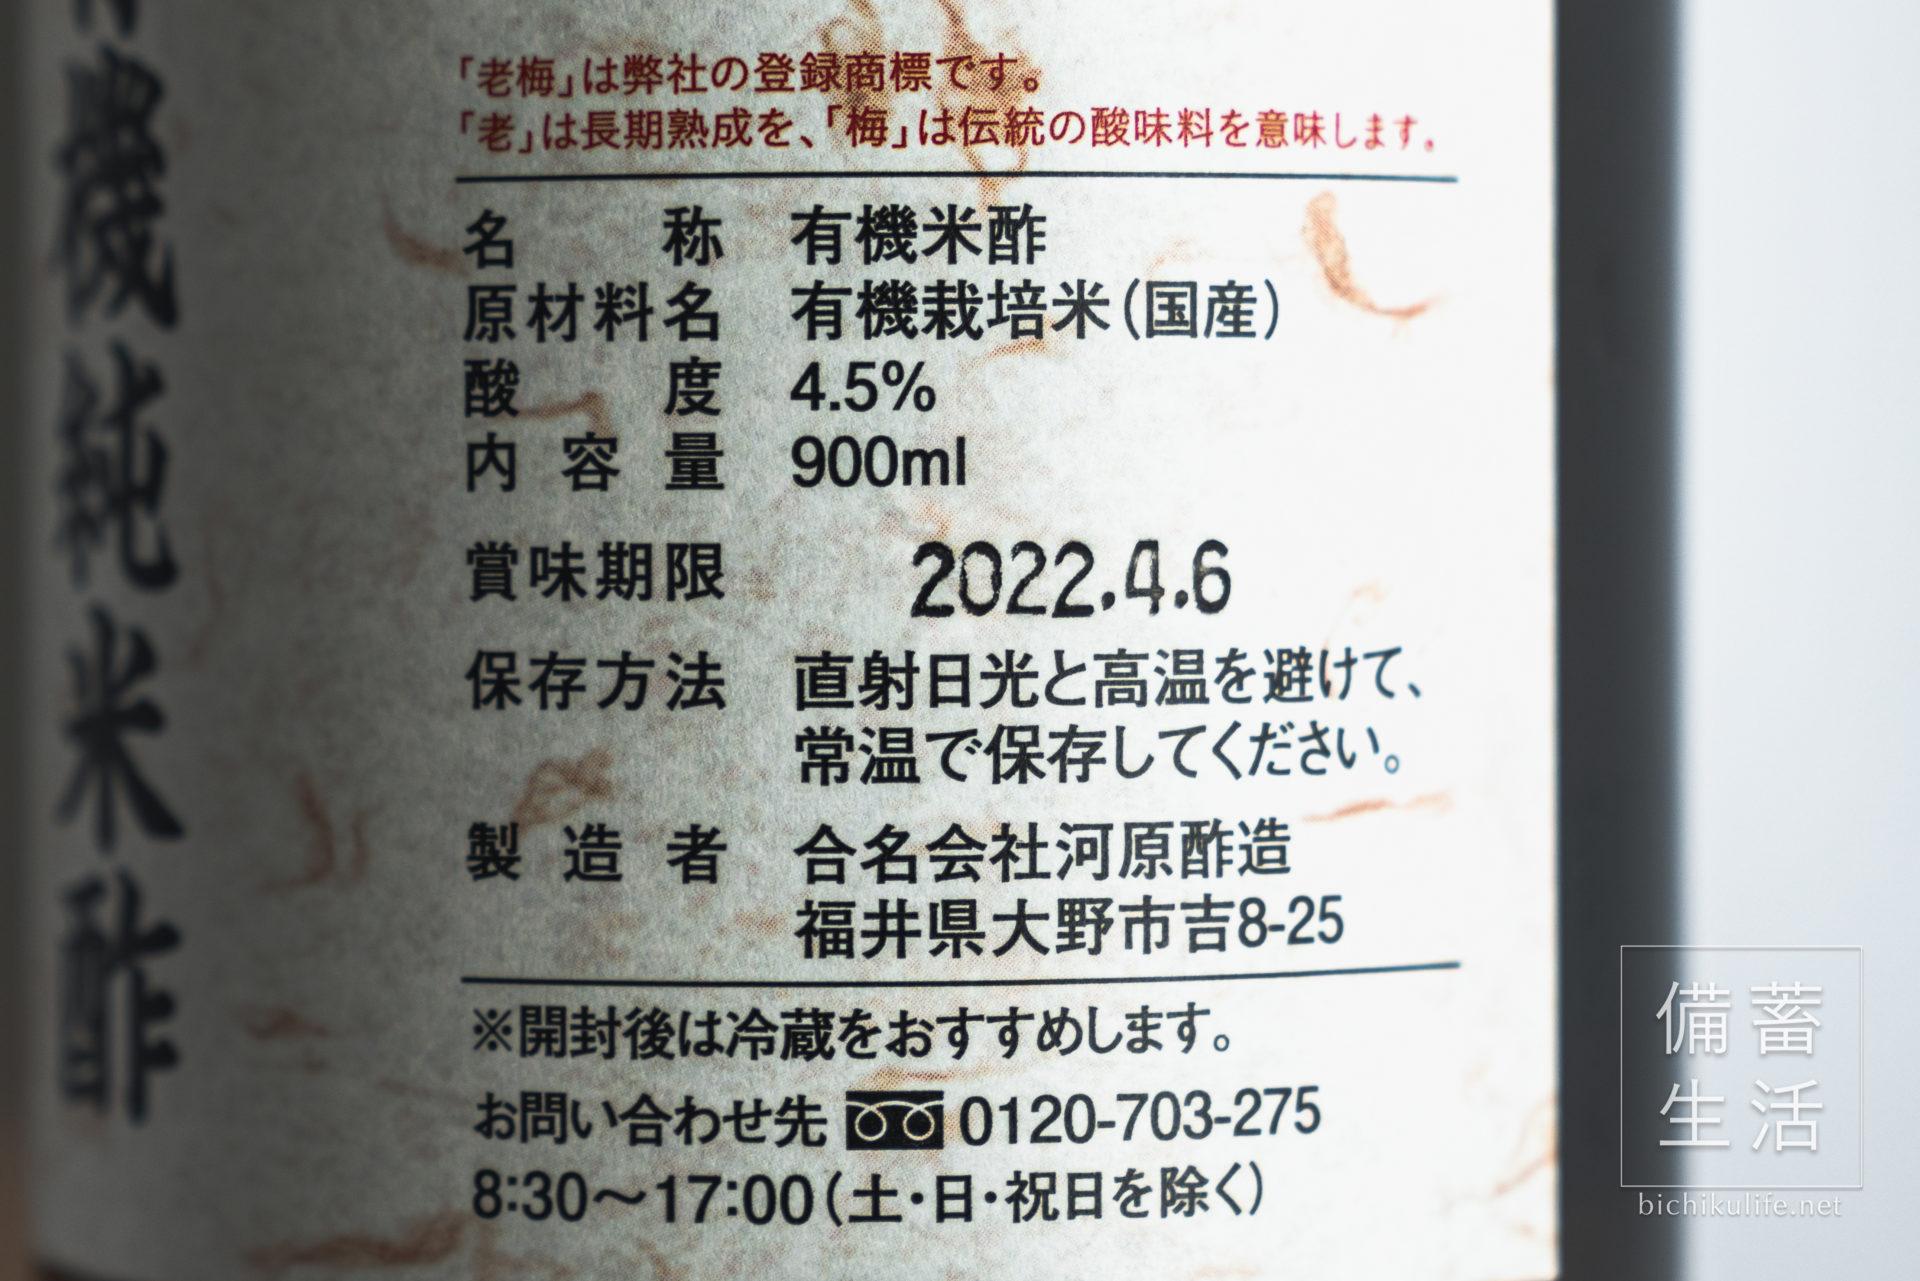 河原酢造 老梅 有機純米酢 商品概要